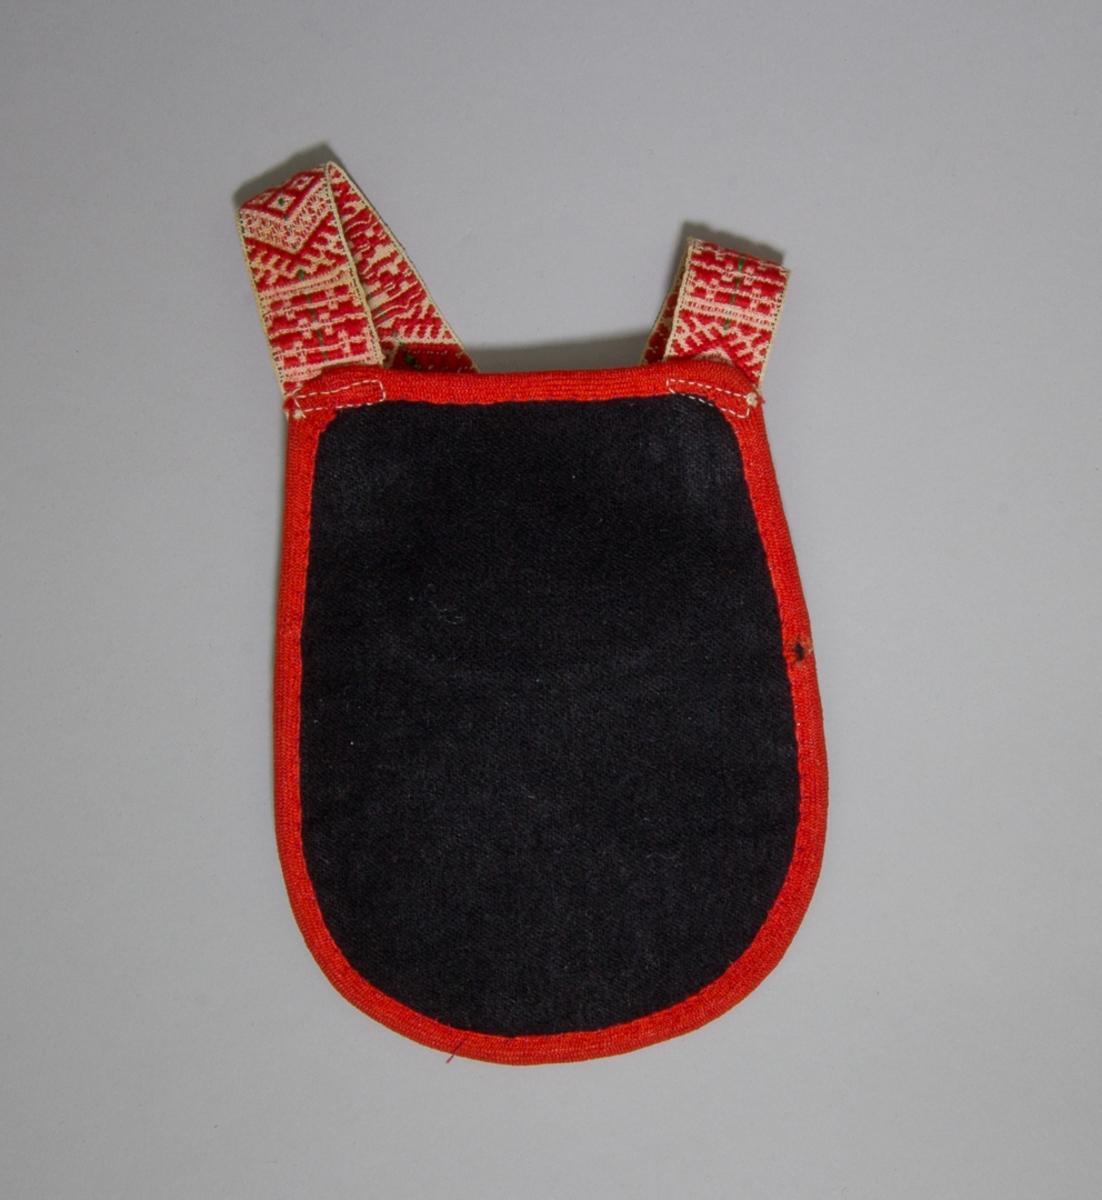 Kjolsäck till dräkt för flicka från Leksands socken, Dalarna. Modell med u-formad öppning. Tillverkad av svart ylletyg, med applikationer av filt, fastsydda på maskin. Centralt placerad hjärtblomma med trekanter i kanterna. Broderi utört med bomullsgarn i flera färger: flätsöm, sticksöm och öglestygn. Framstycket fodrat med vitt fabriksvävt bomullstyg, tuskaft. Kantad runtom med röda diagonalvävda band. Axelband handvävt, med plockat mönster med rött ullgarn på vit botten.